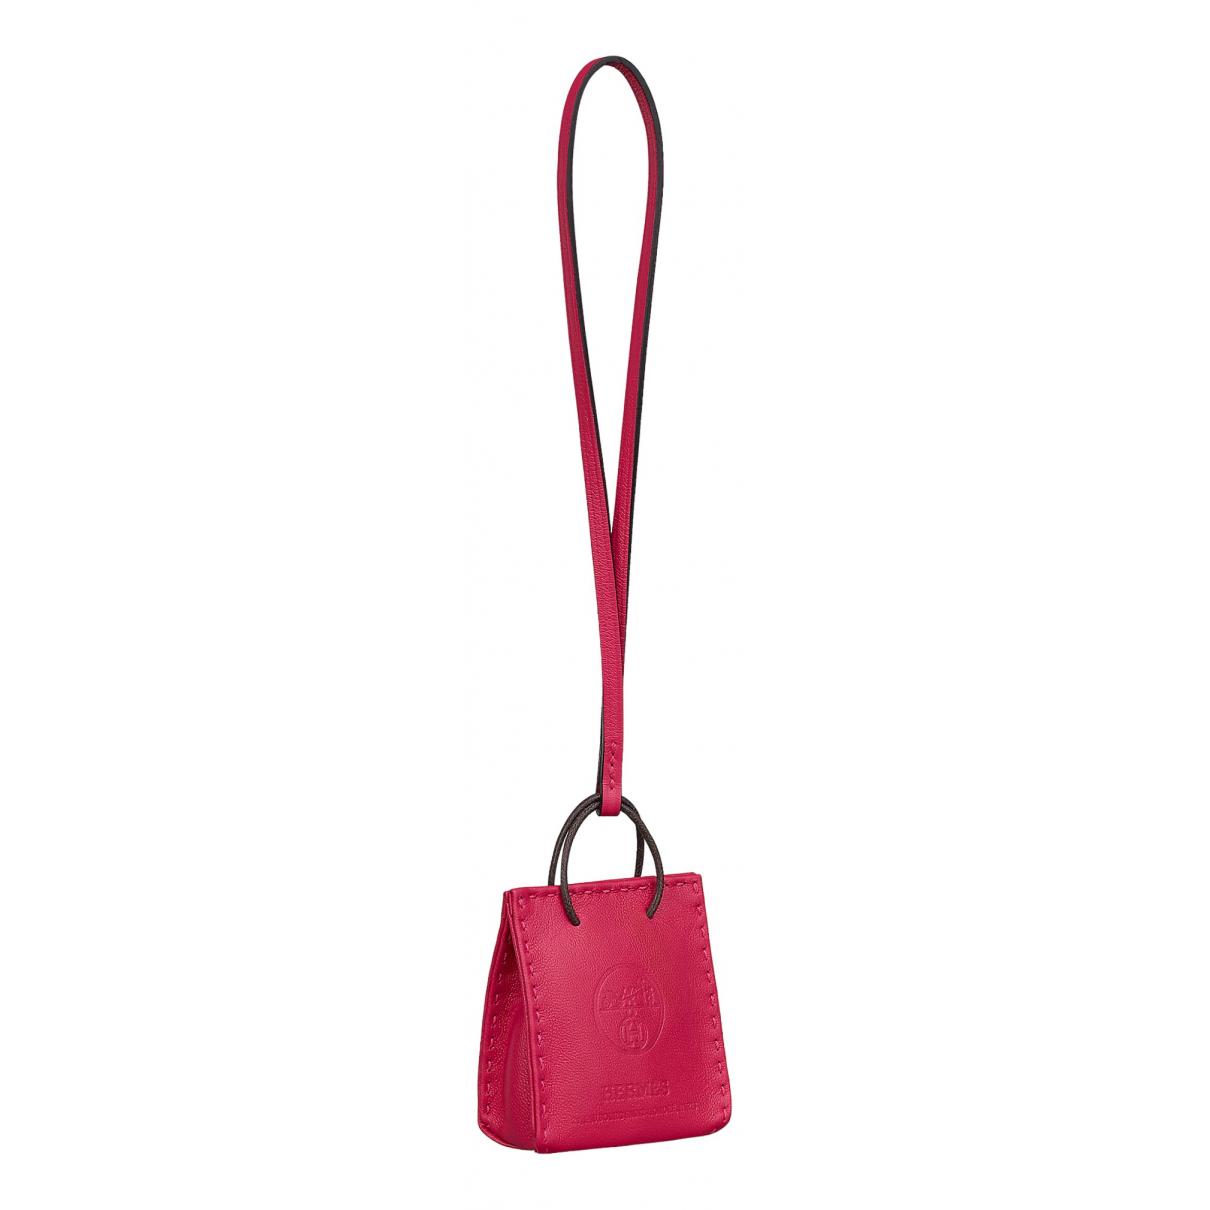 Hermes Shopping bag charm Taschenschmuck in  Rosa Leder